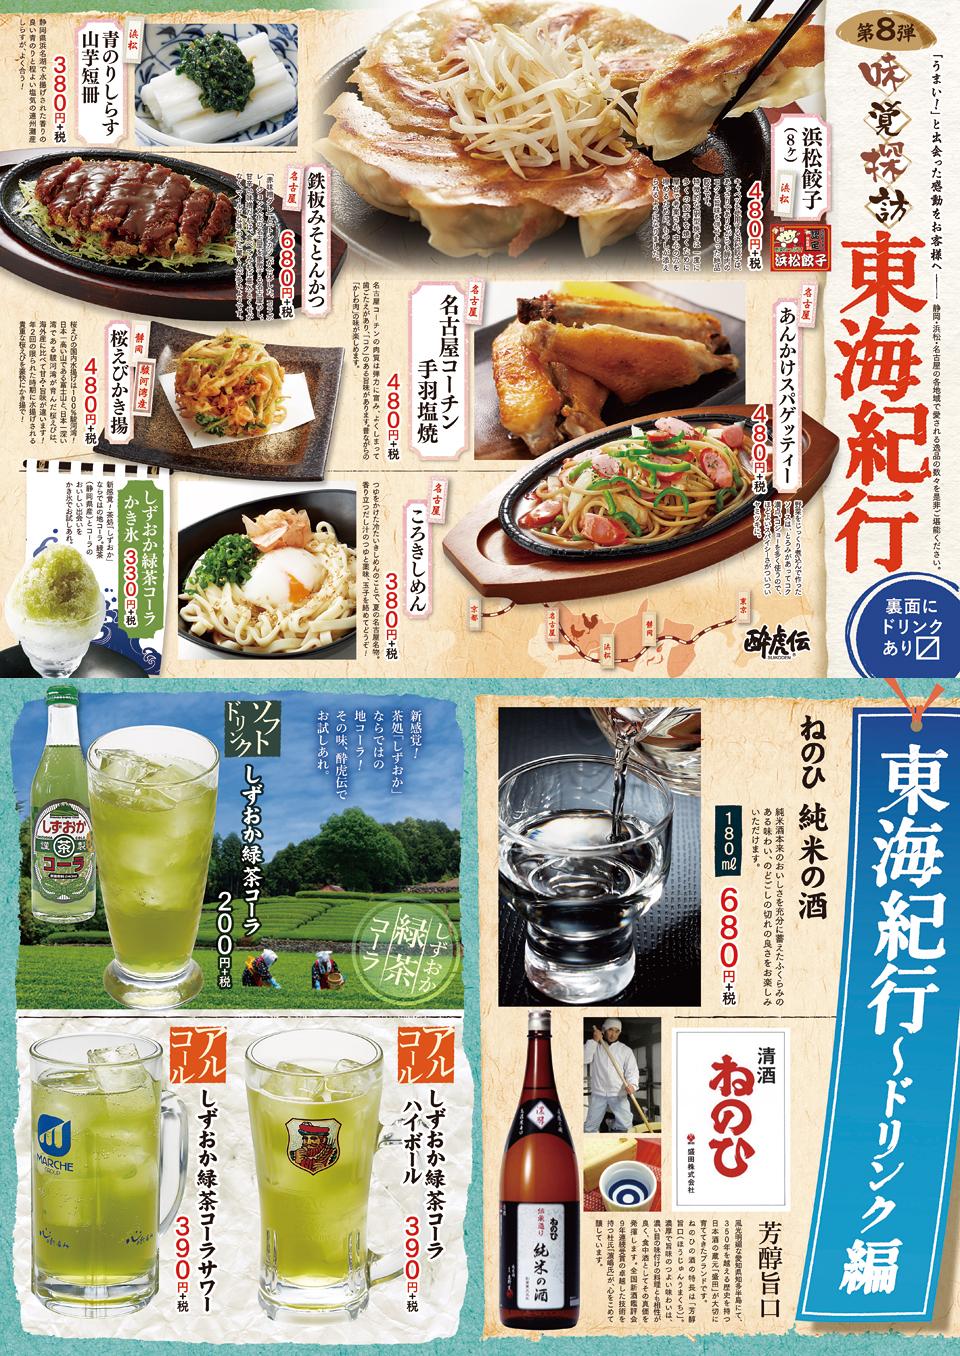 酔虎伝「味覚探訪第8弾-東海紀行」